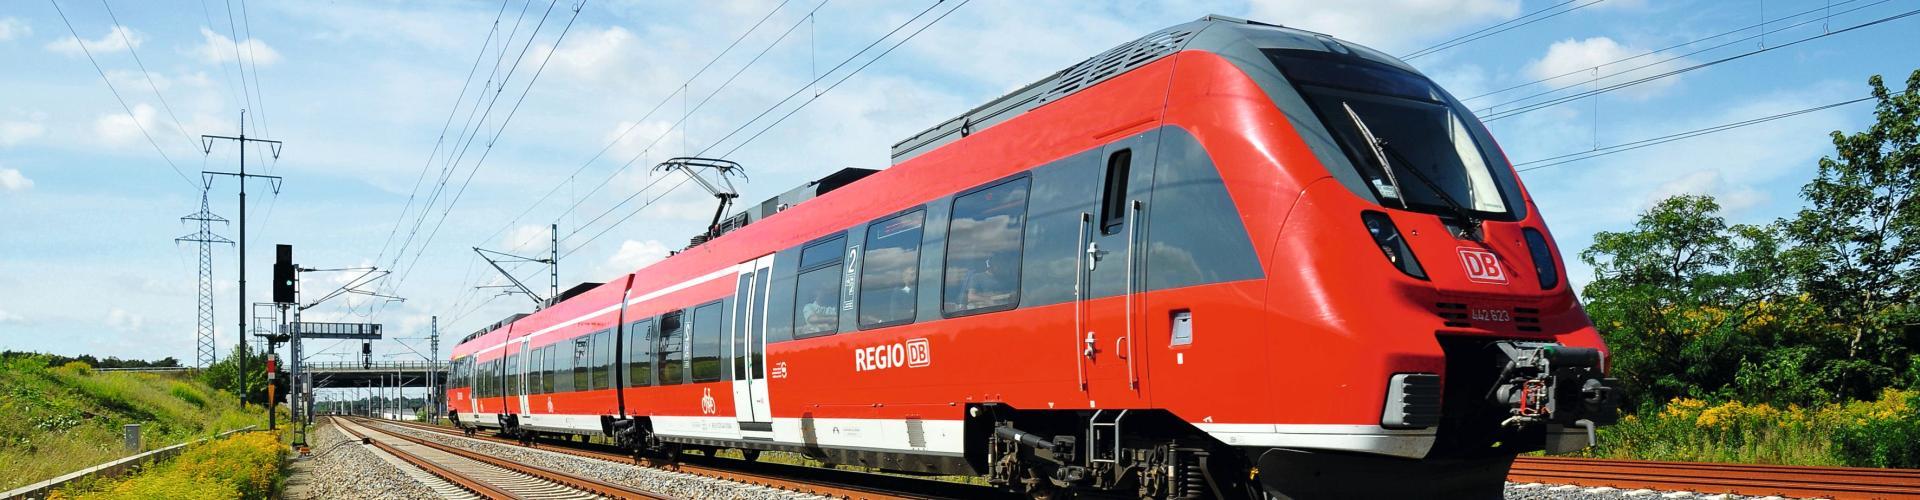 Deutsche Bahn Niedersachsenticket Single – Raus in die Natur - planen Sie jetzt Ihren Ausflug!